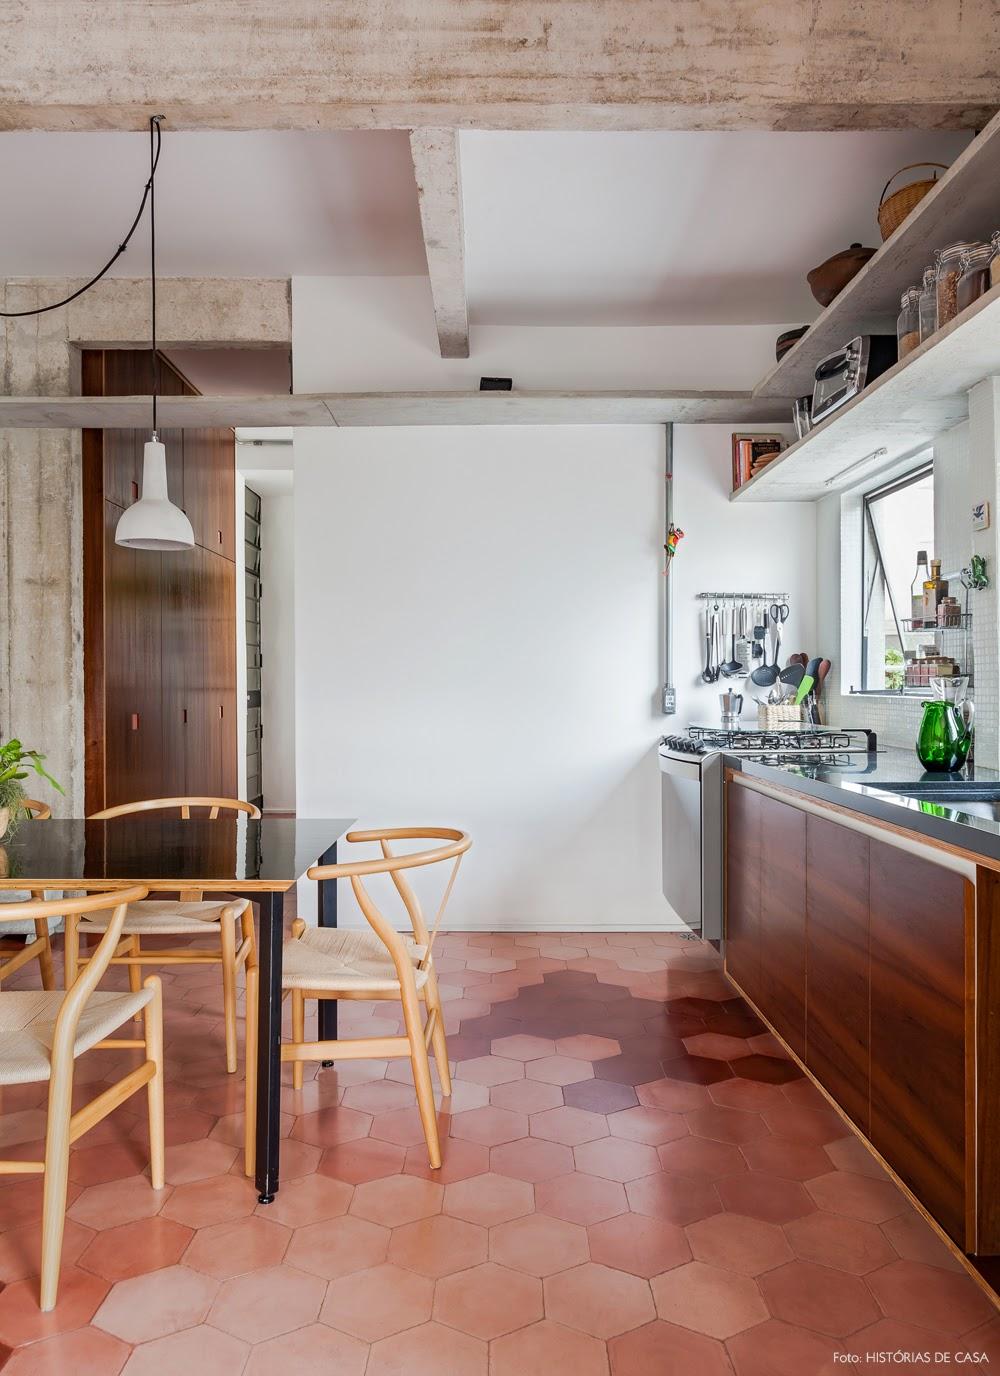 cozinha piso revestimento hexagonal degradê rosa vermelho